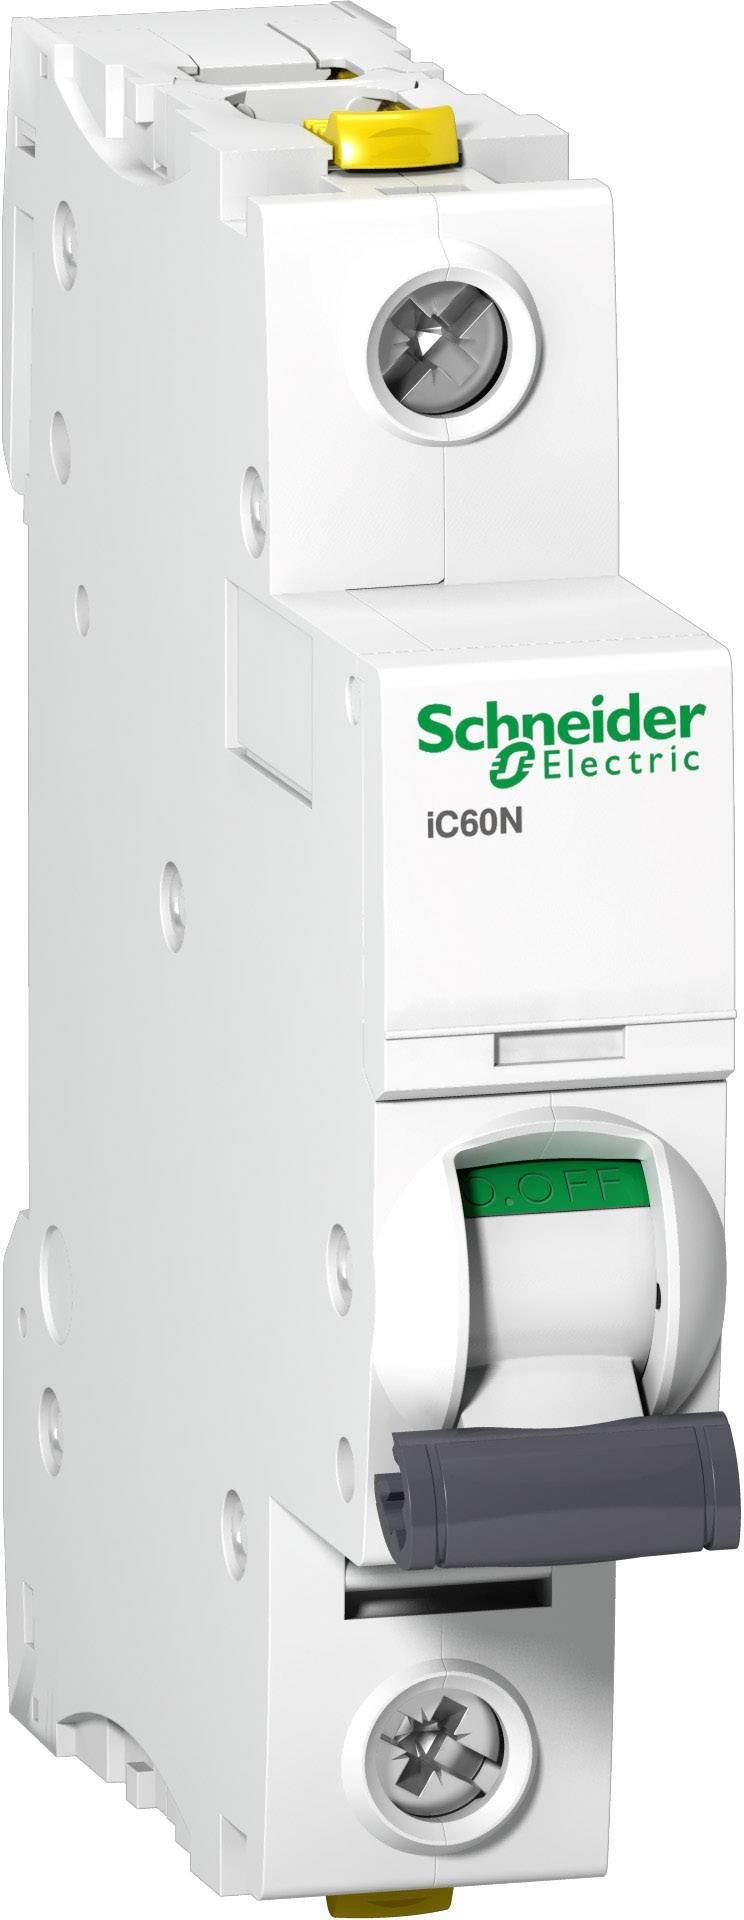 Elektrický jistič Schneider Electric A9F03106, 6 A, 230 V